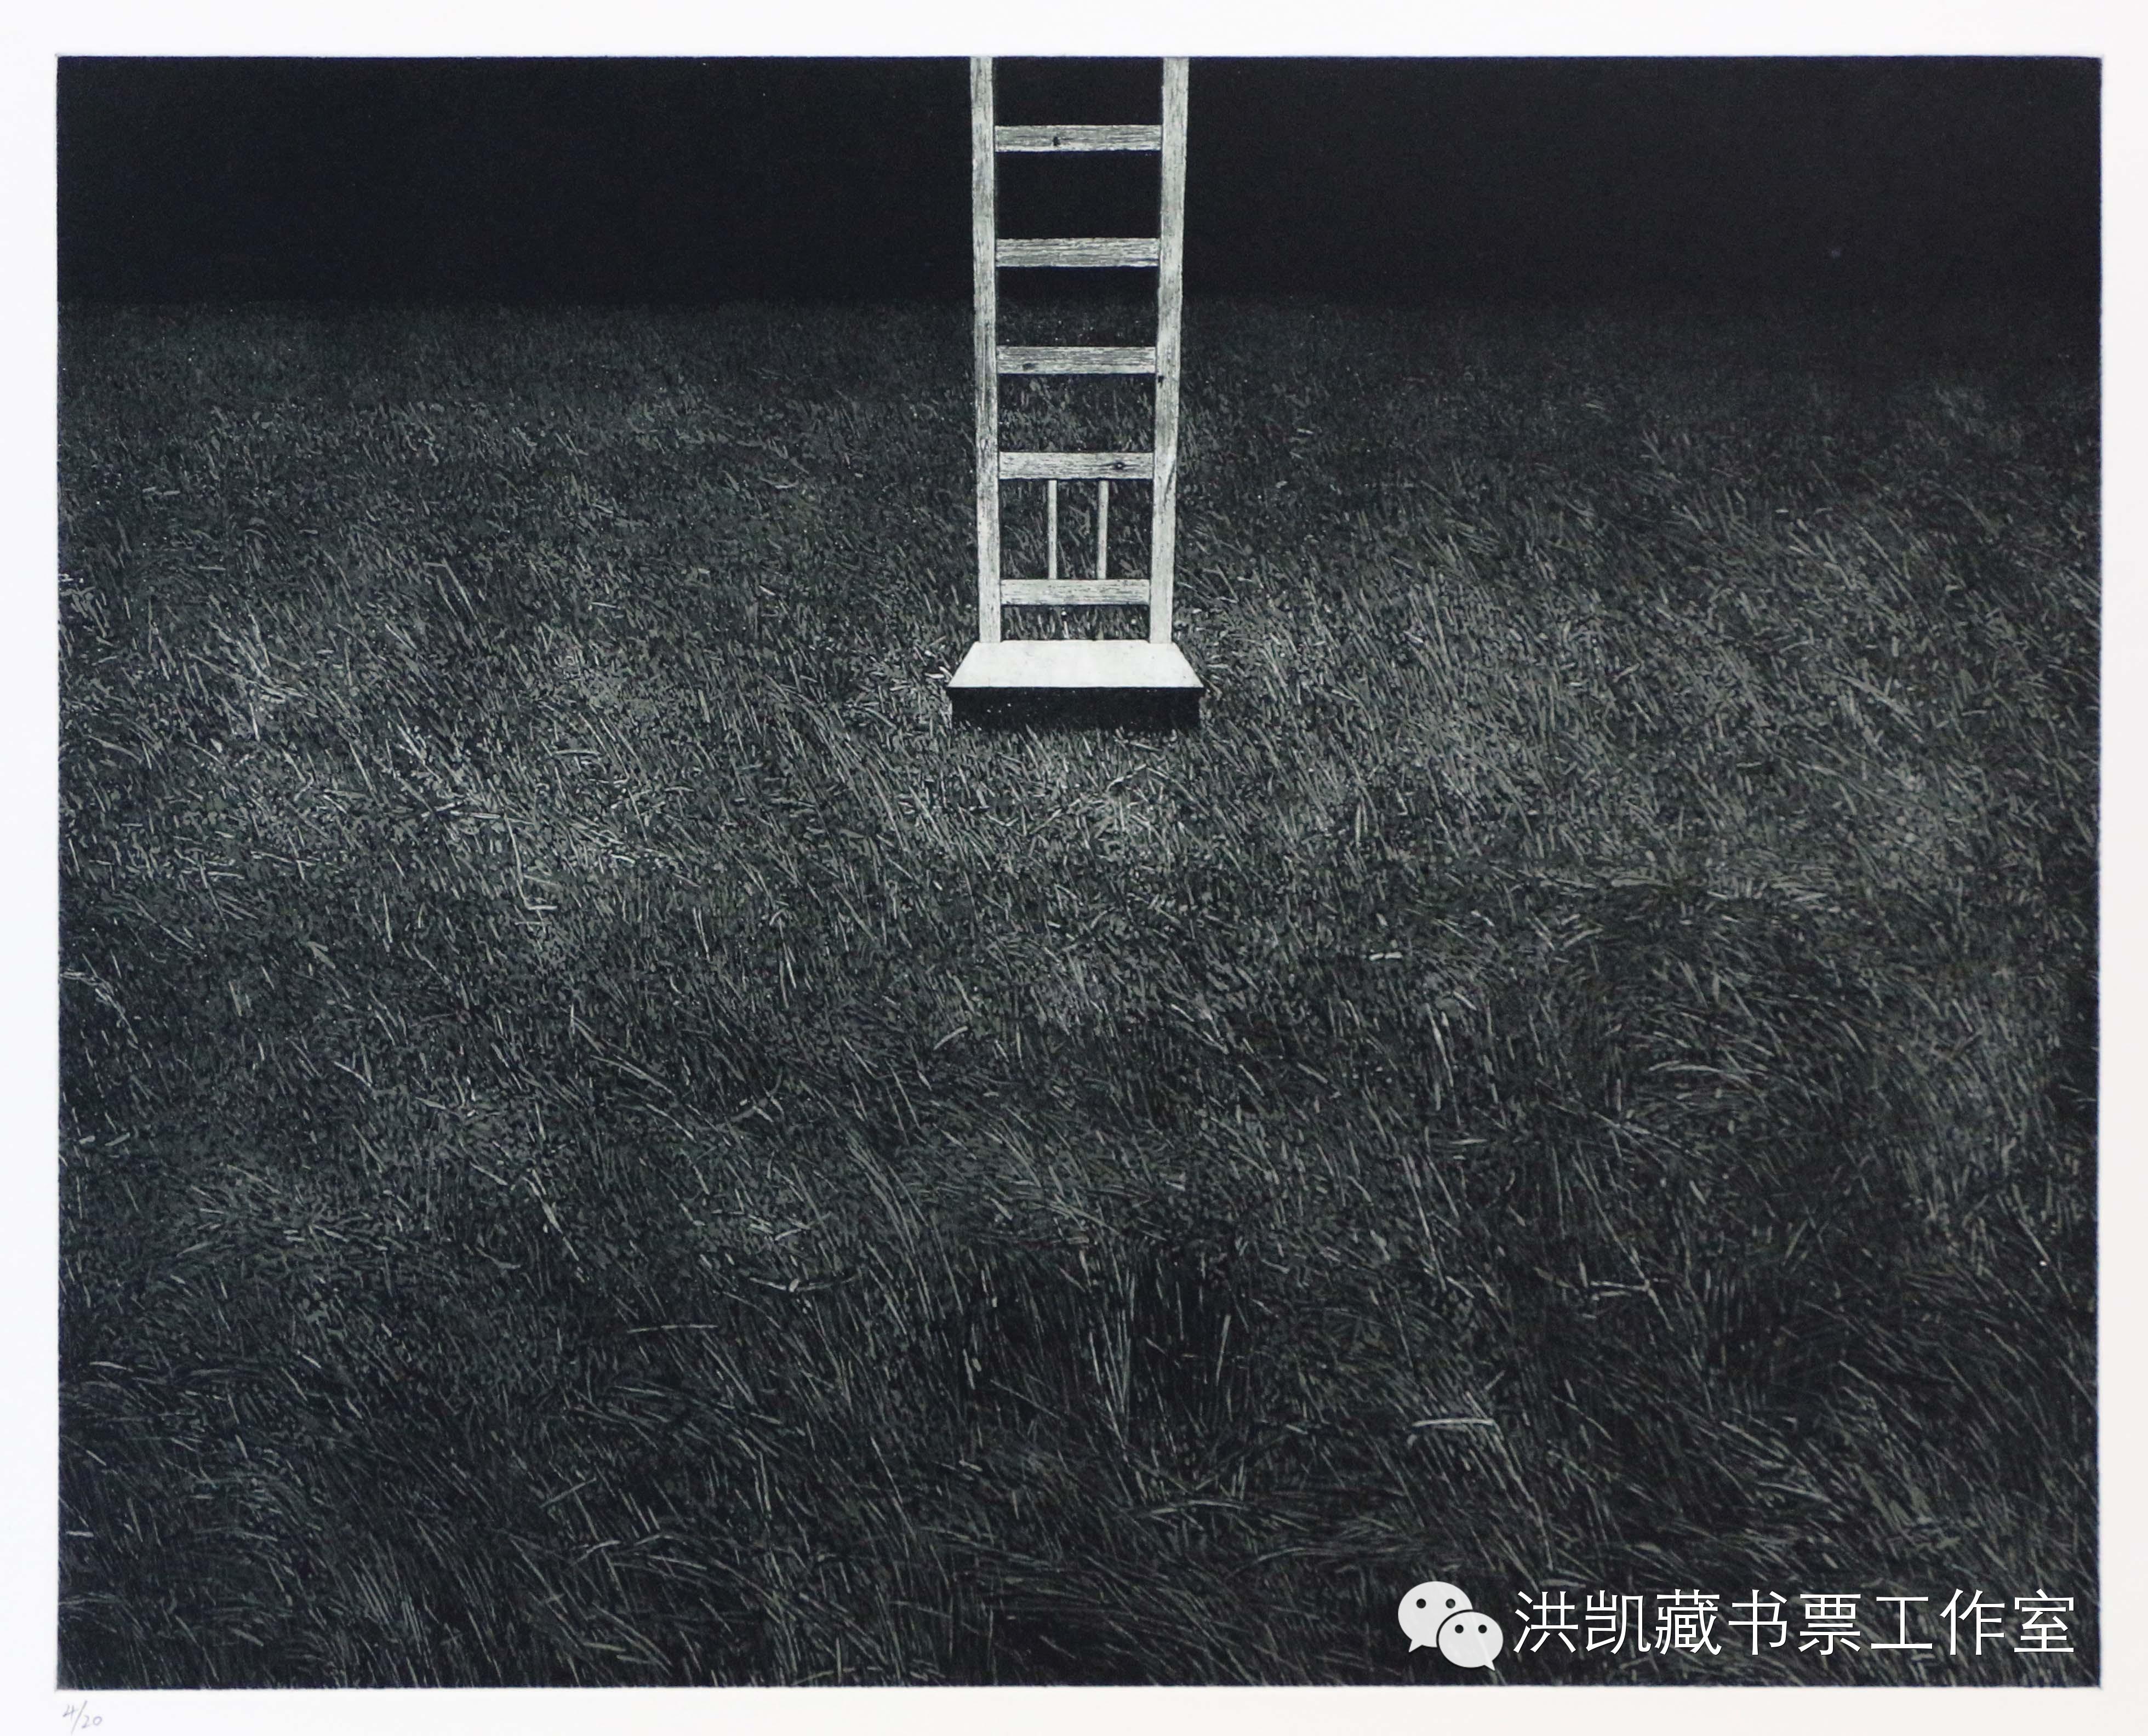 版画作品推荐002期-(内蒙古版画家)拉喜萨布哈﹒版画&藏书票作品欣赏 第11张